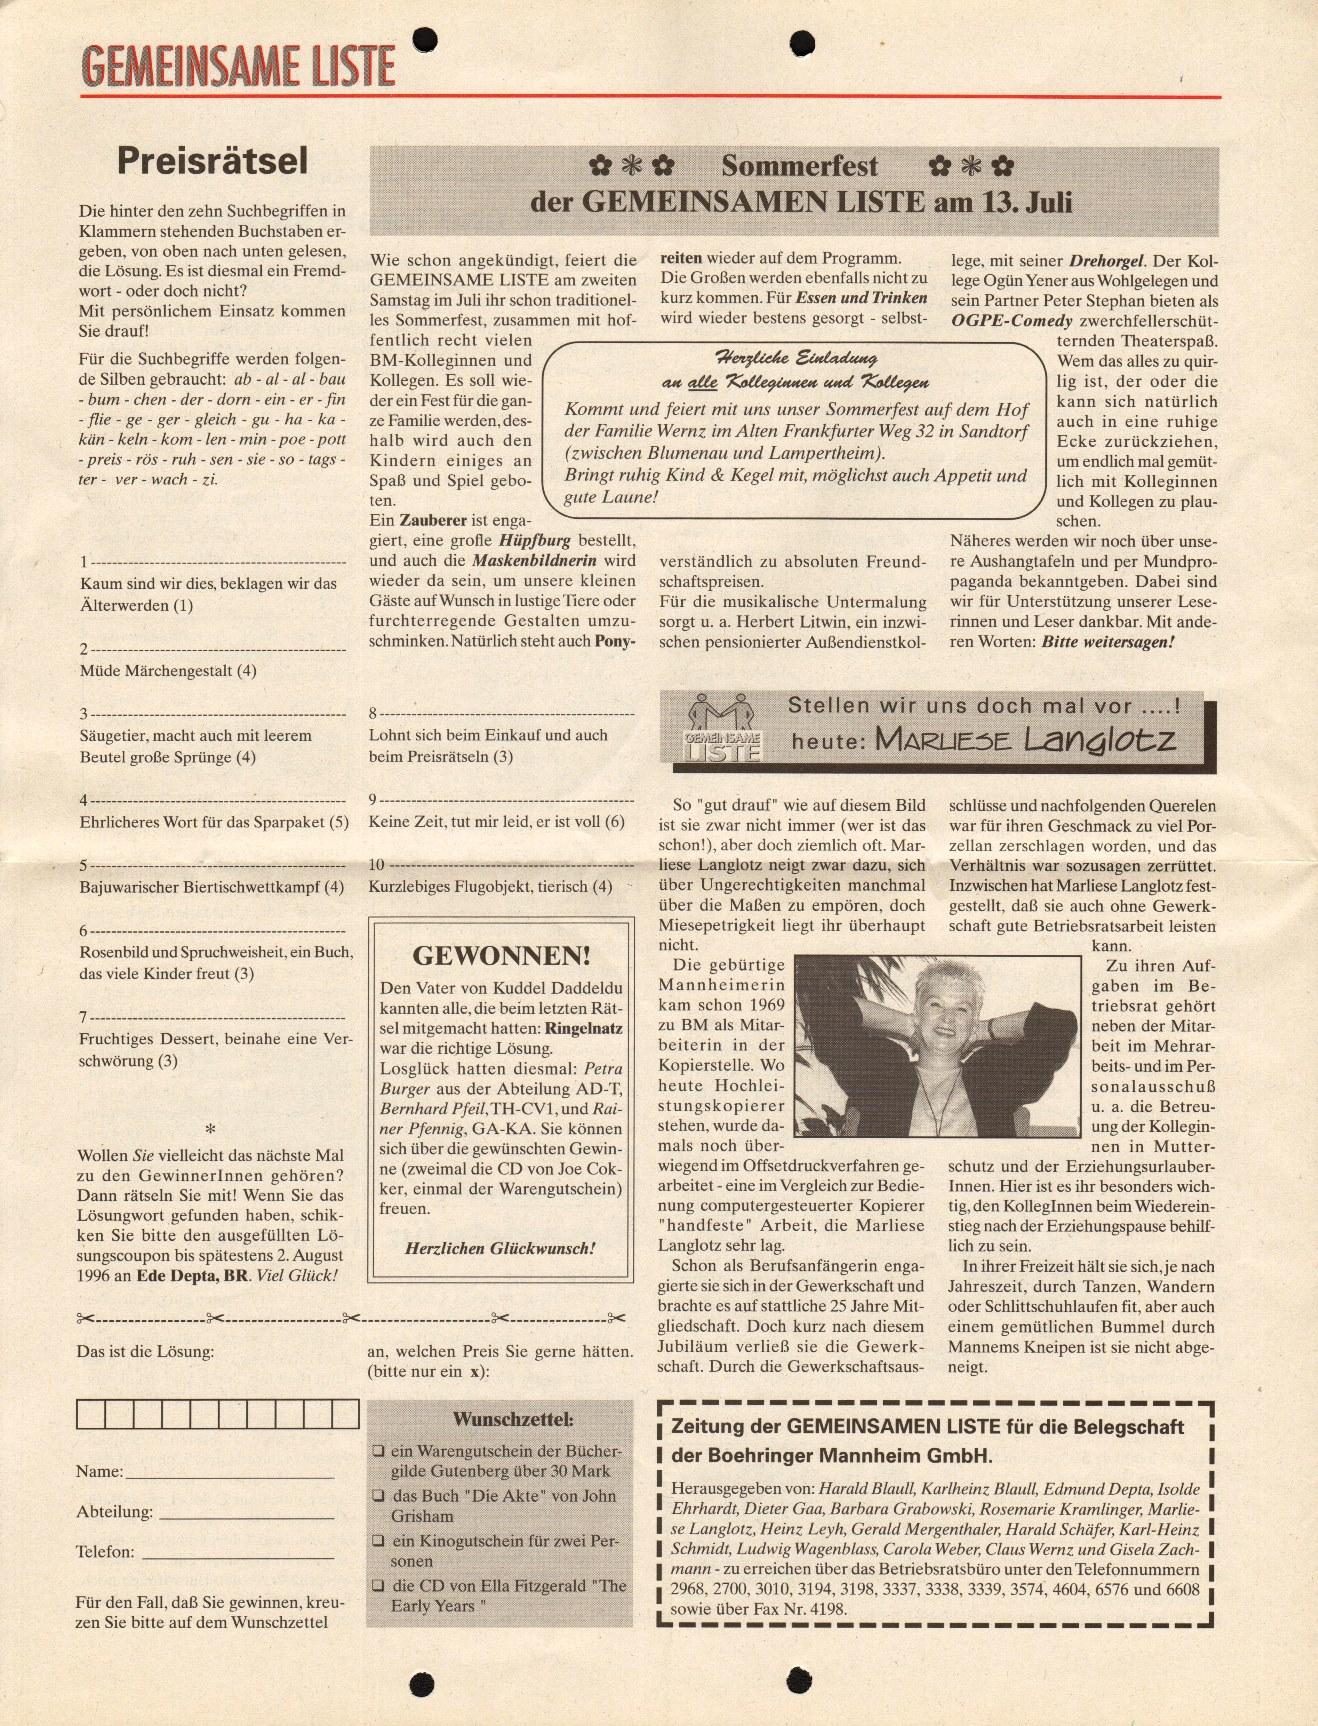 Mannheim_Boehringer_Gemeinsame_Liste_1996_01_04